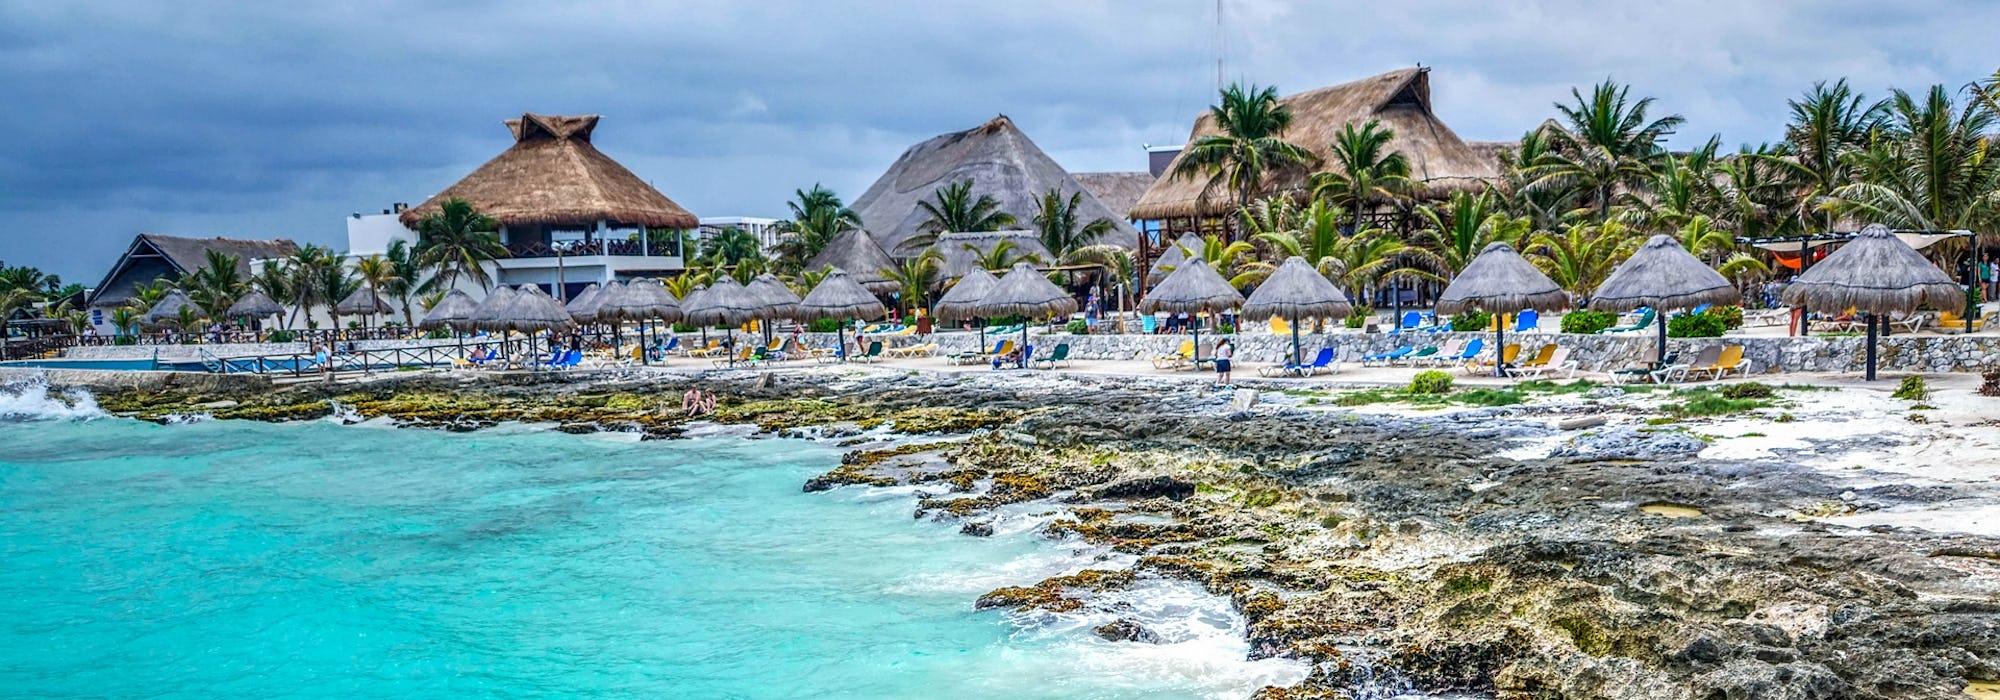 Bild på Costa Maya med klart vatten, klippor och palmer.